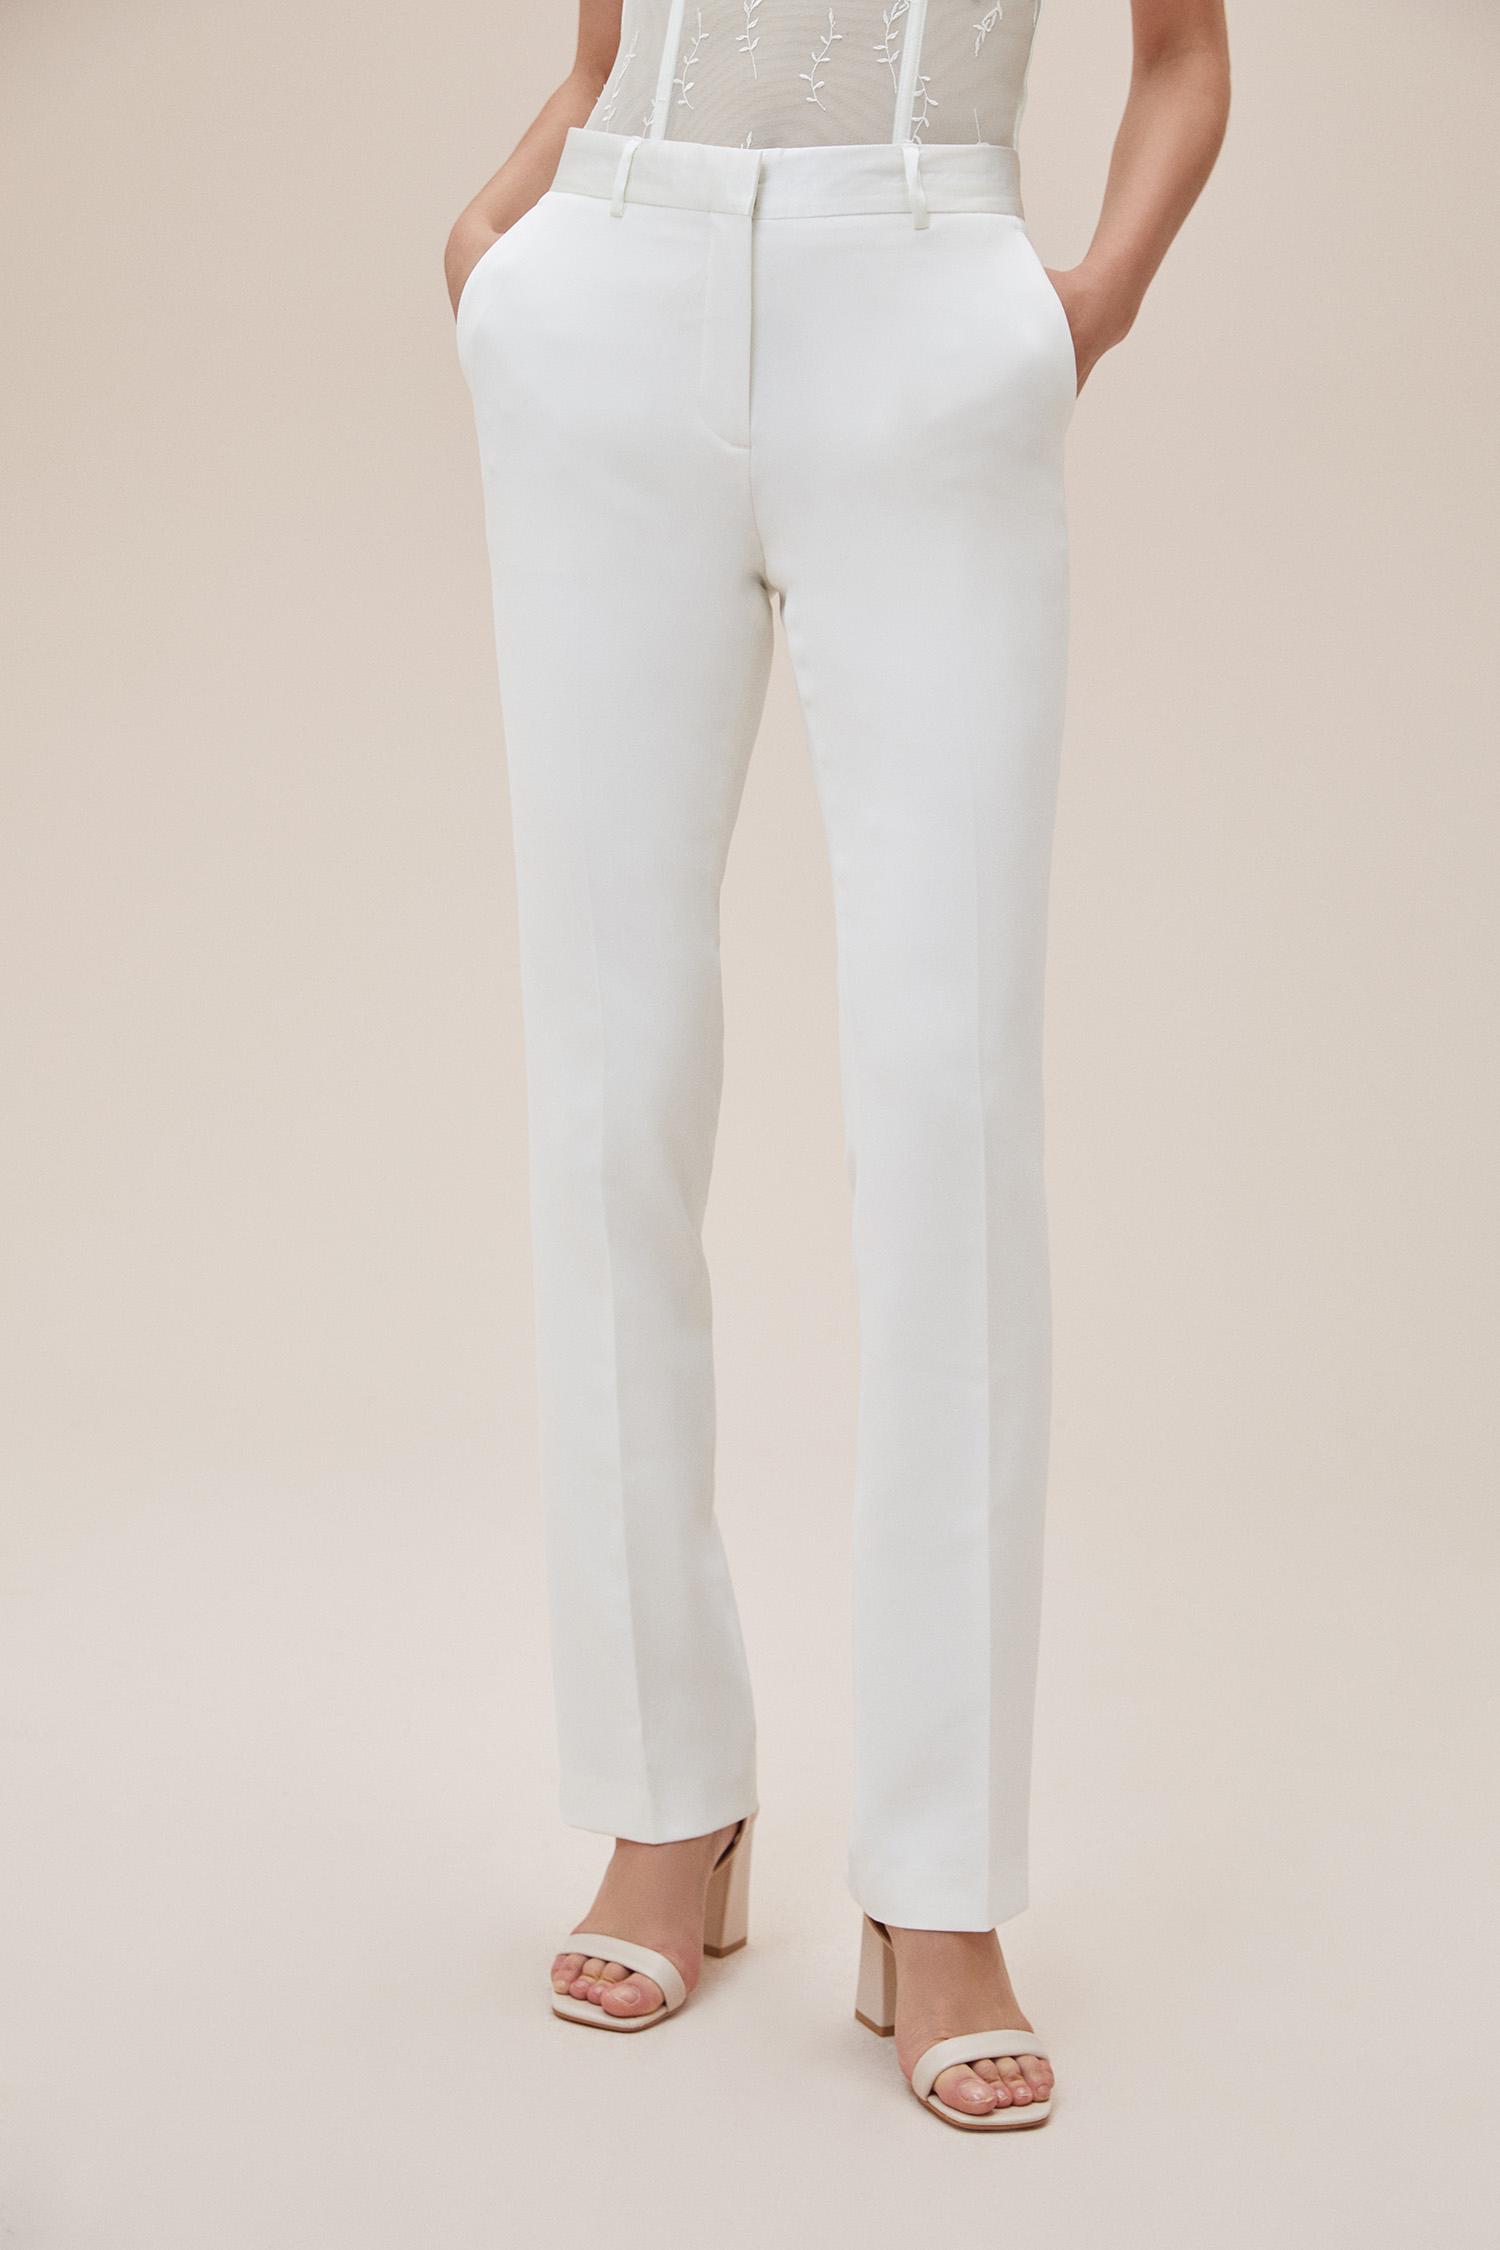 Beyaz Bol Kesim Krep Büyük Beden Pantolonlu Gelinlik - Thumbnail